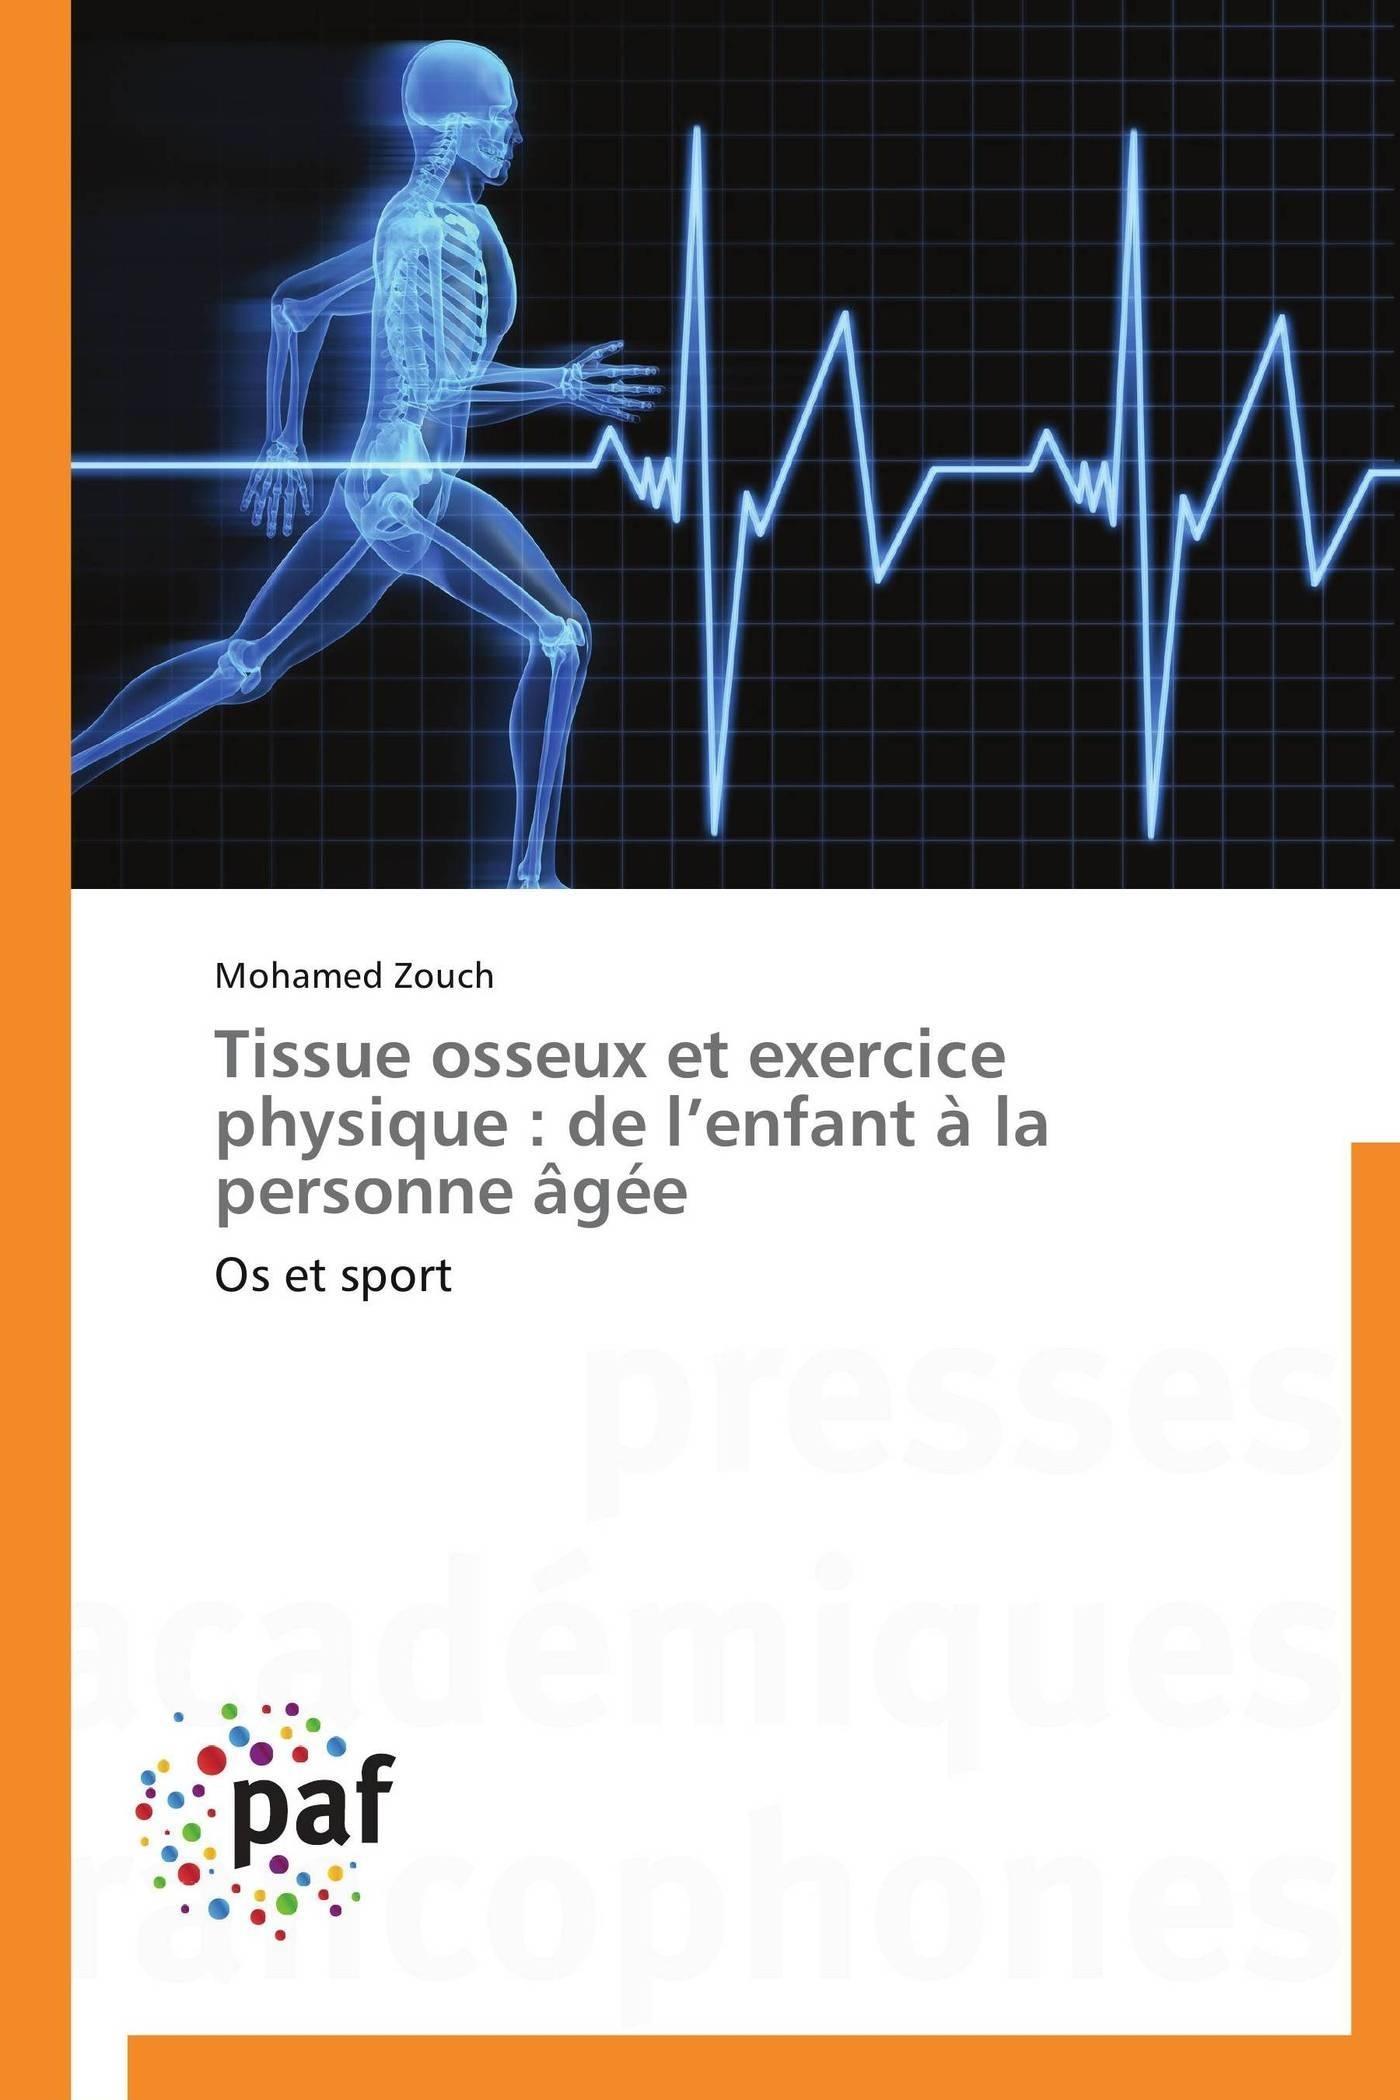 TISSUE OSSEUX ET EXERCICE PHYSIQUE : DE L ENFANT A LA PERSONNE AGEE